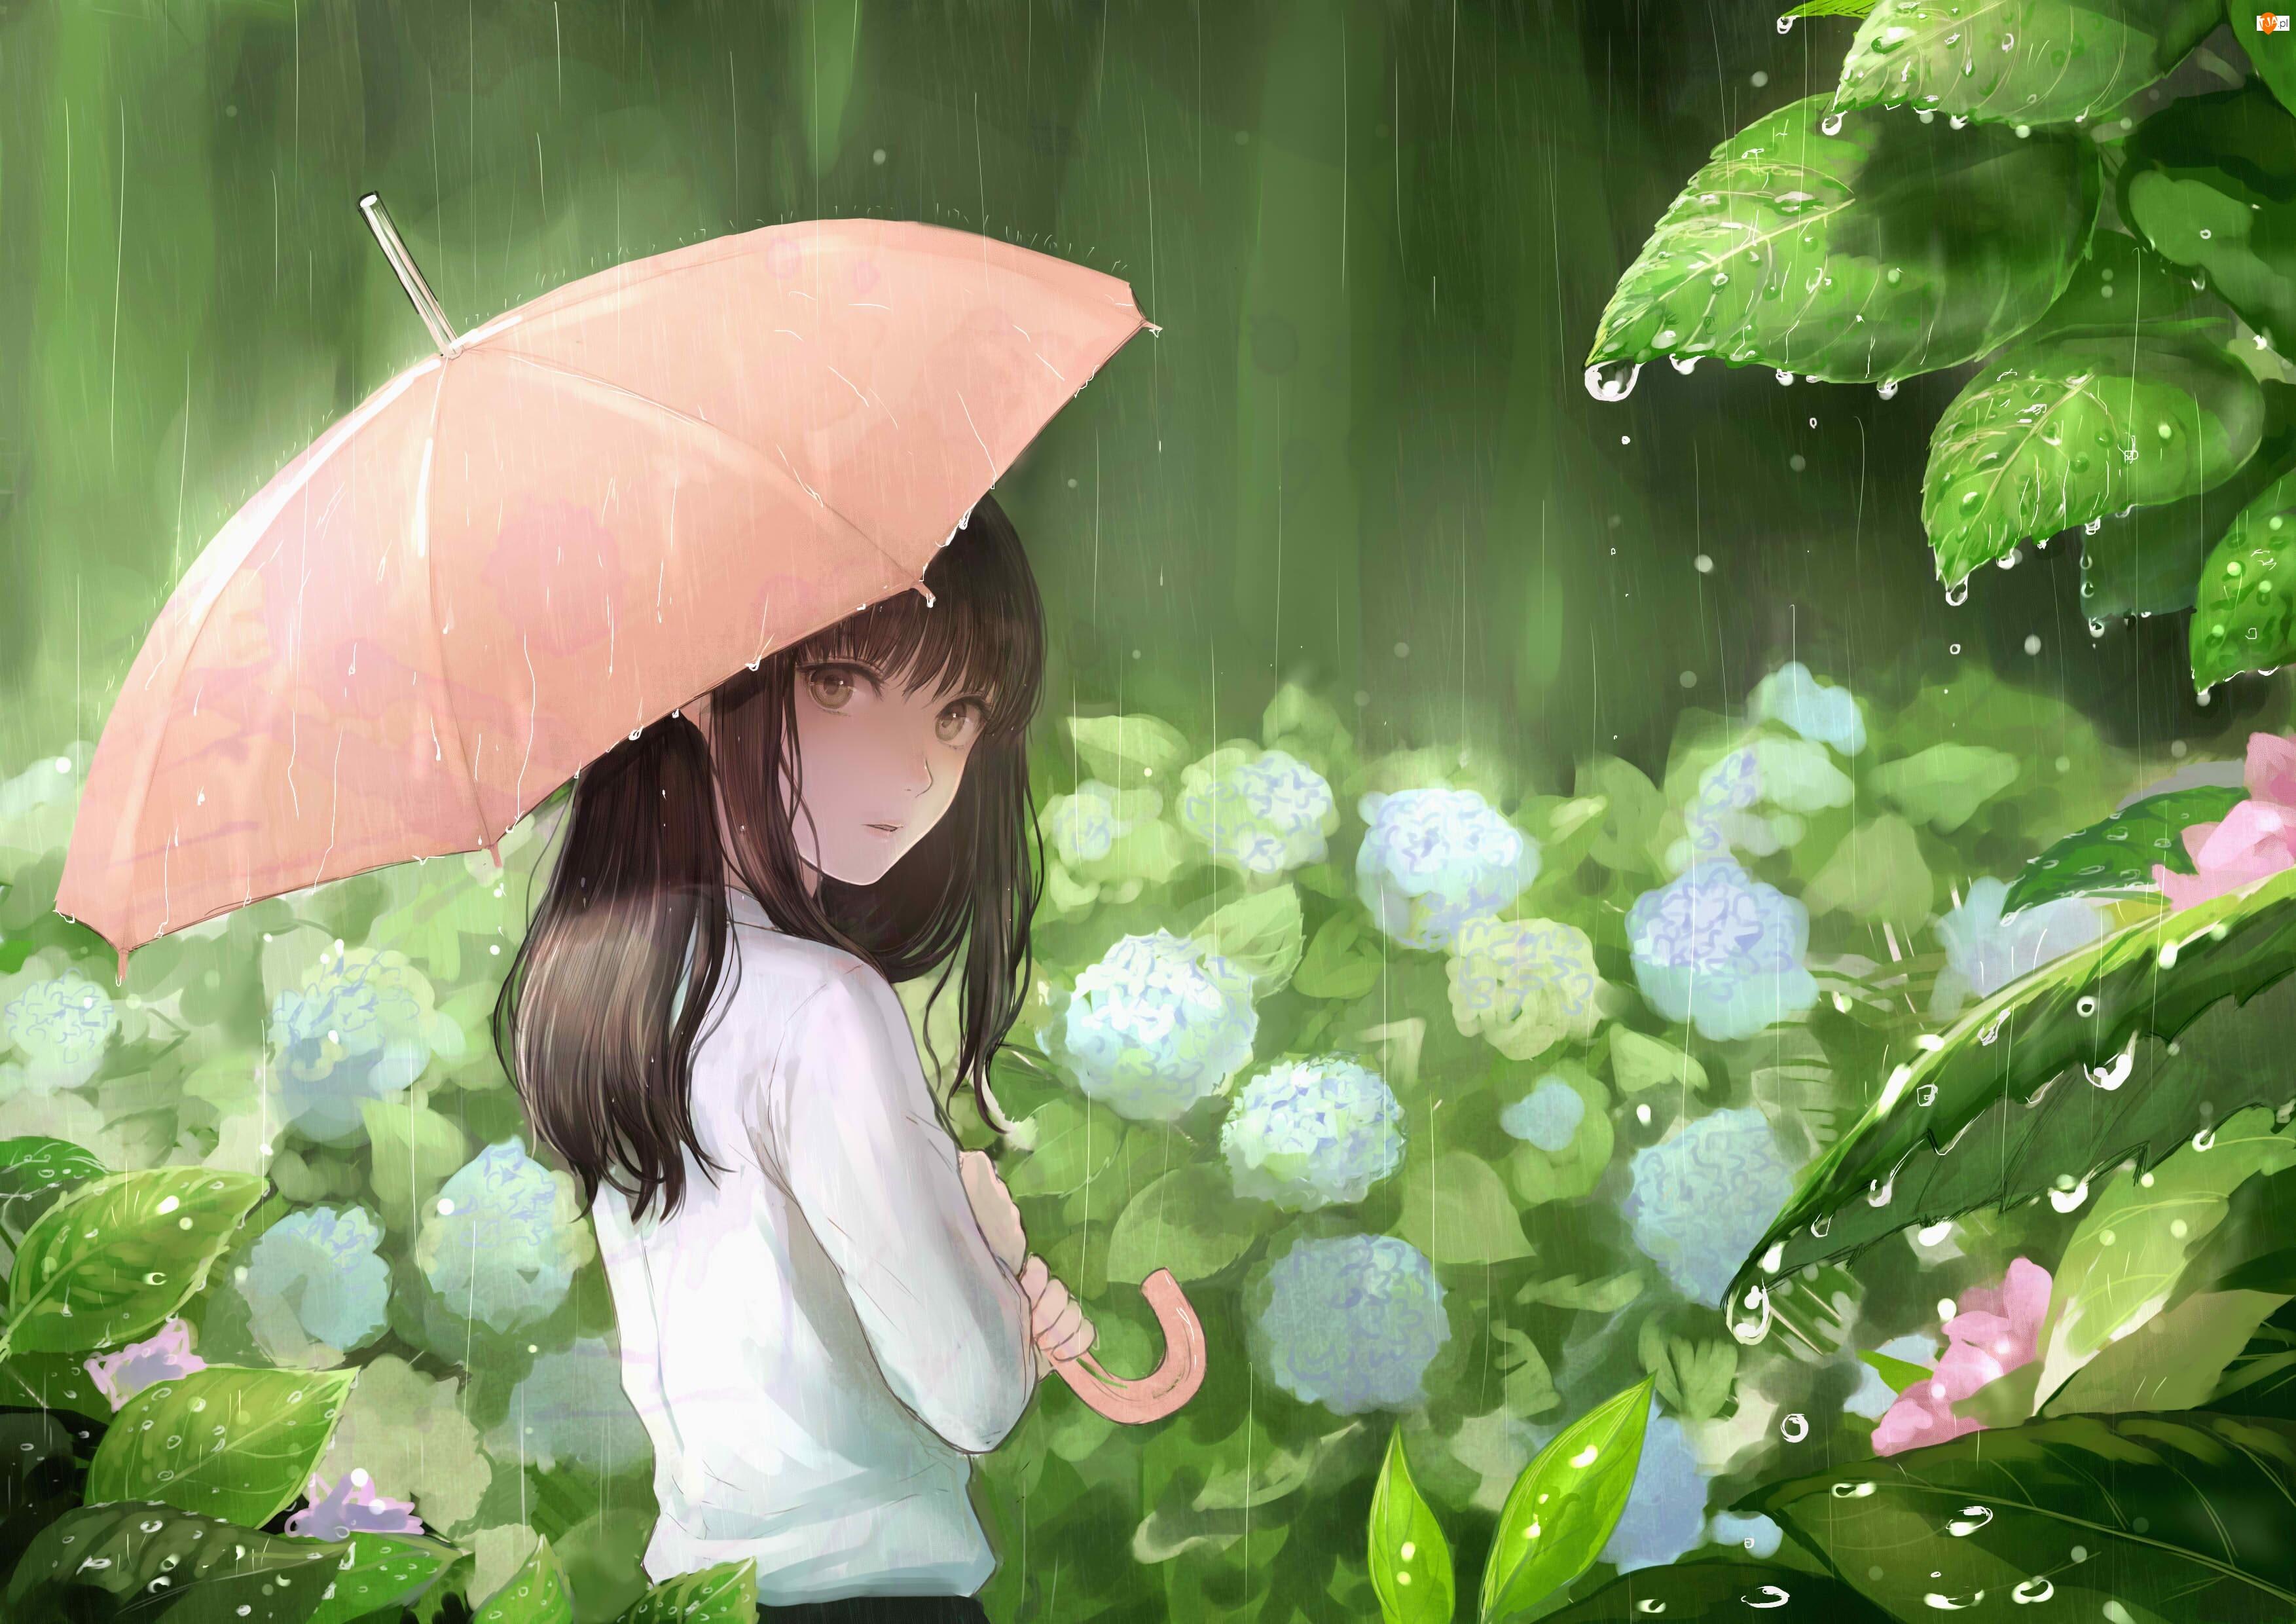 Rea Sanka, Sankarea, Deszcz, Manga Anime, Dziewczyna, Parasolka